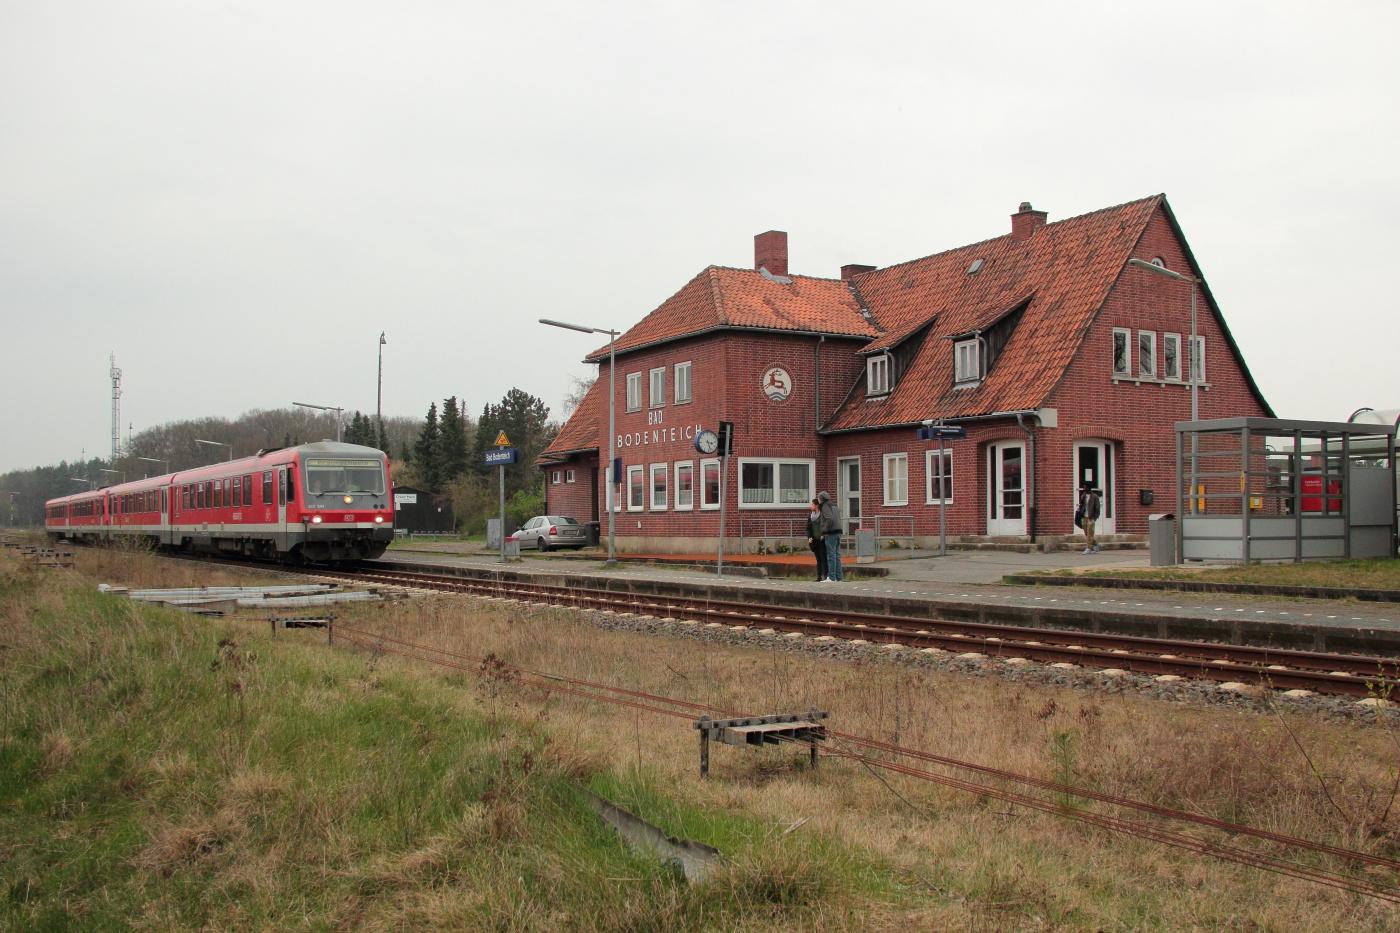 http://www.nachtbahner.de/Fotos/2014-04-05%20M%c3%bchlenbahn/k-IMG_2658%20KBS%20115%20M%c3%bchlenbahn%2005.04.14%20(14).JPG